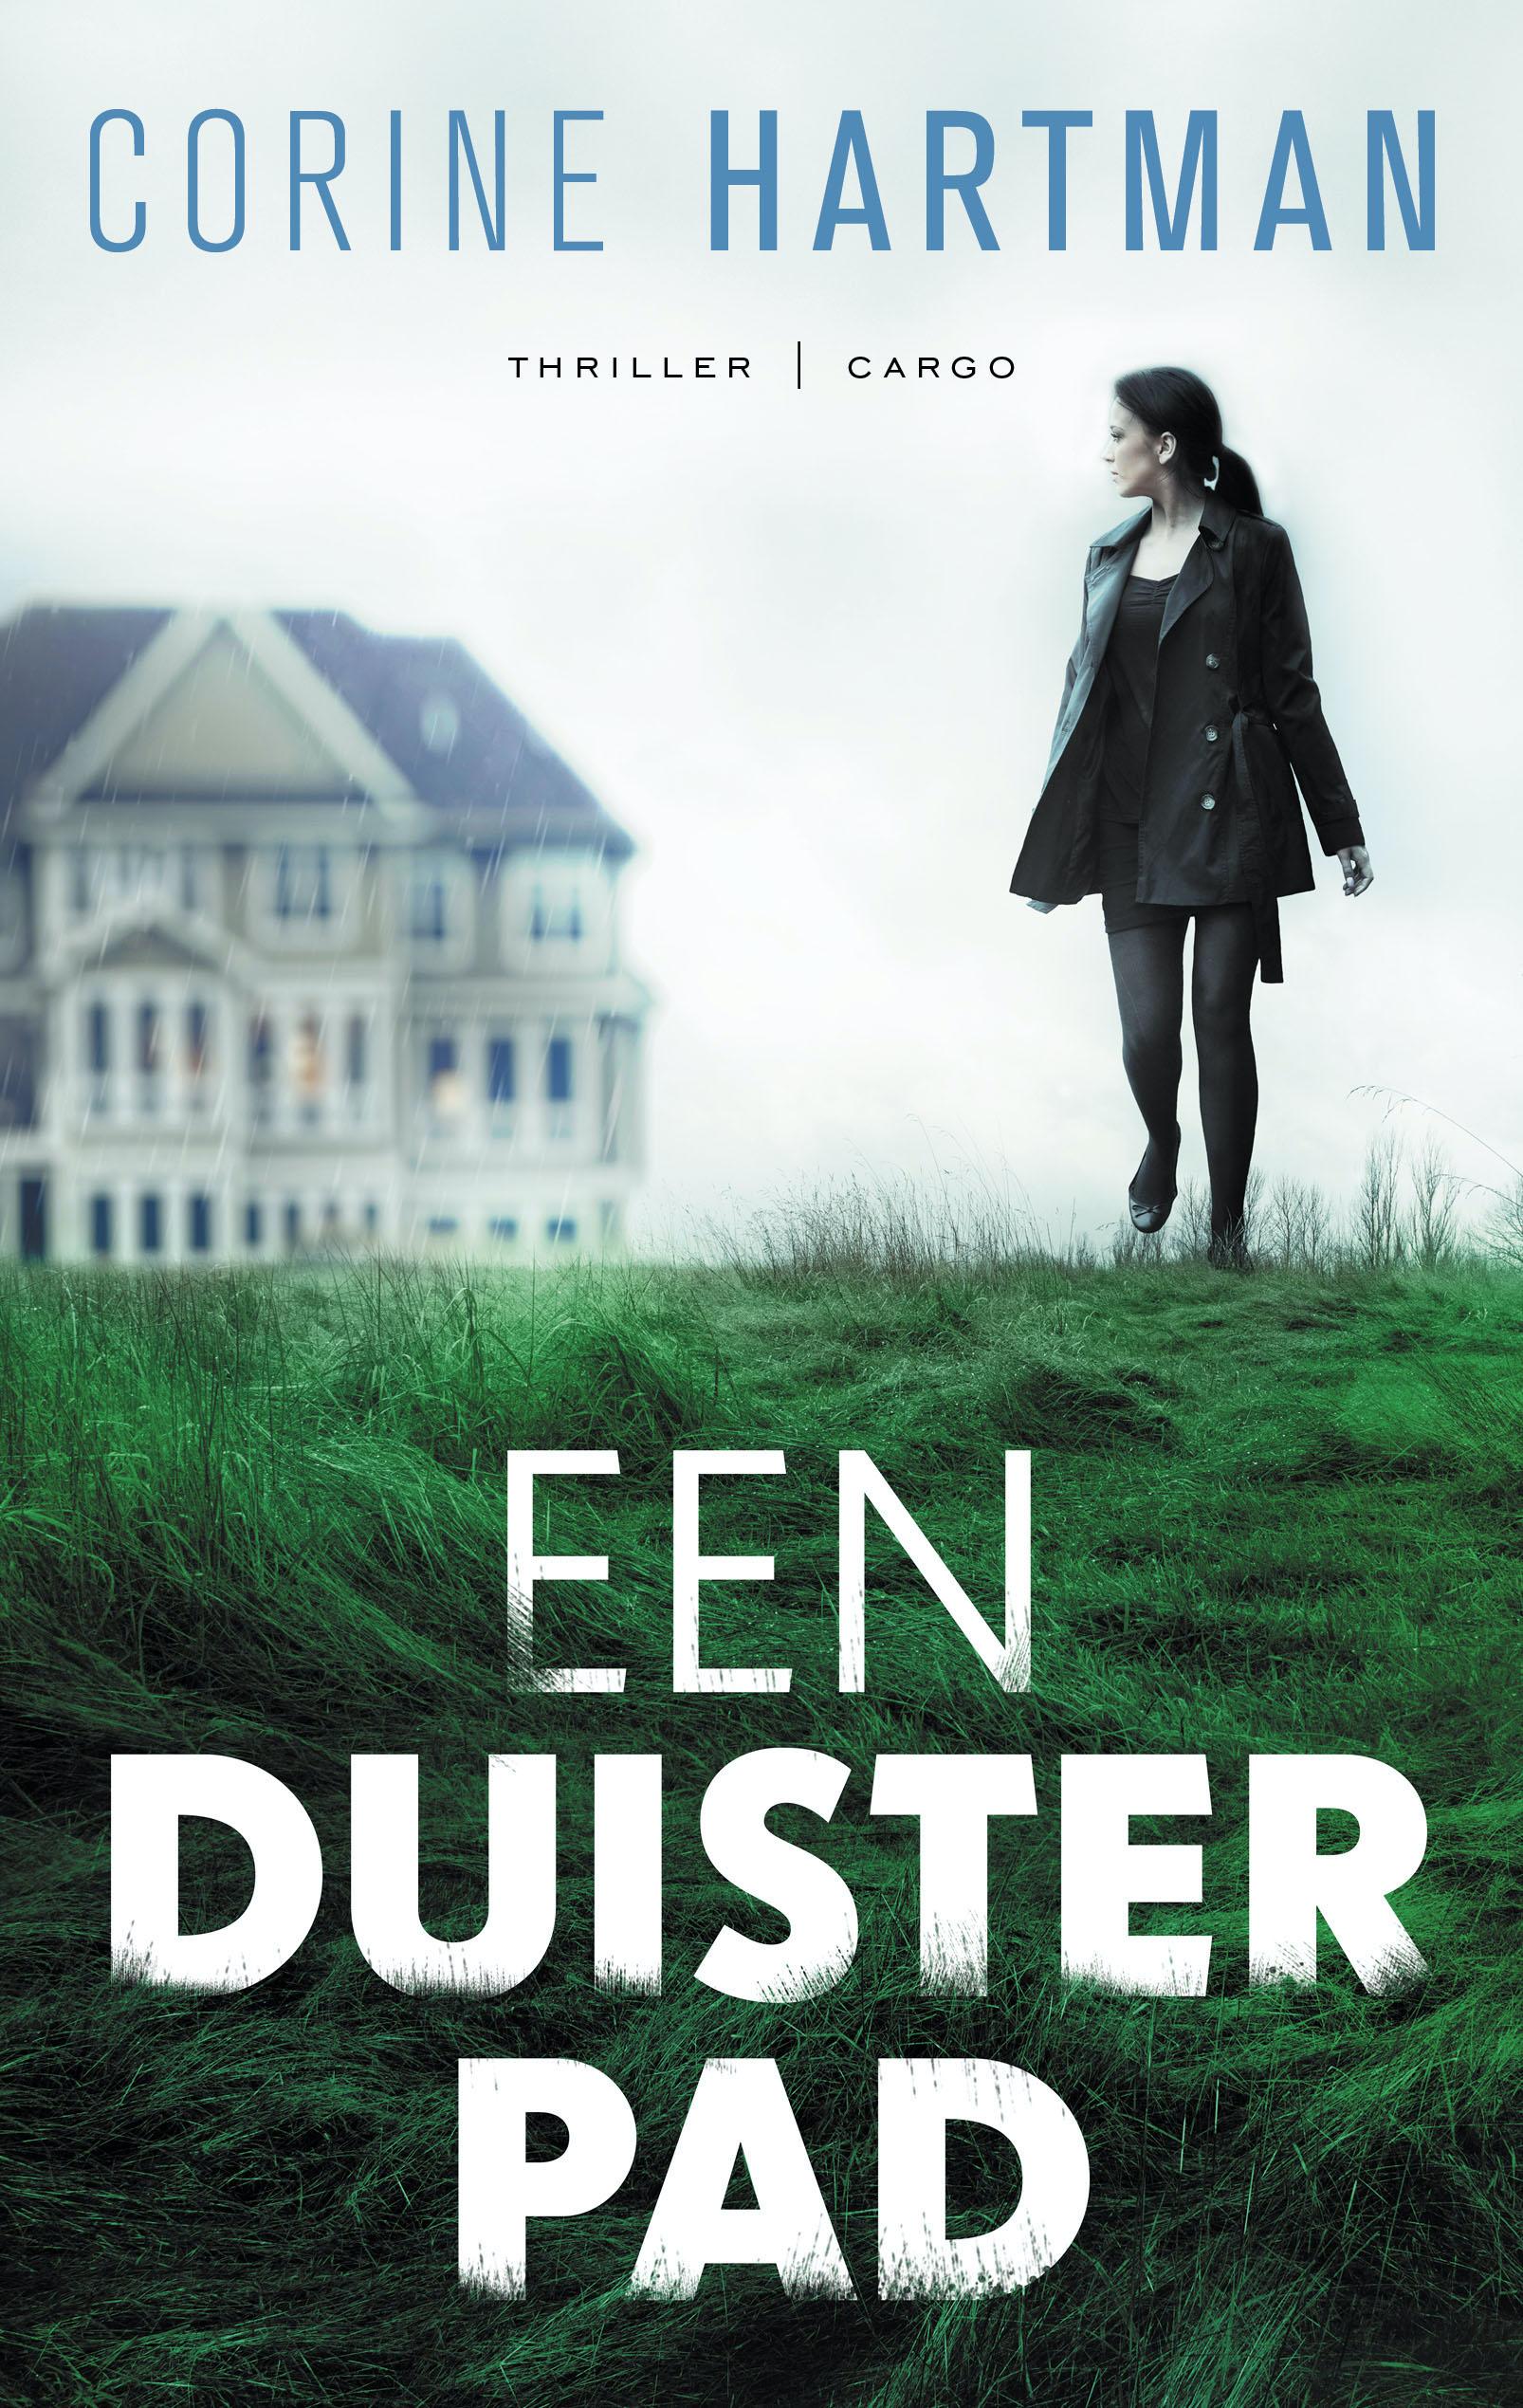 Een duister pad - boekenflits.nl